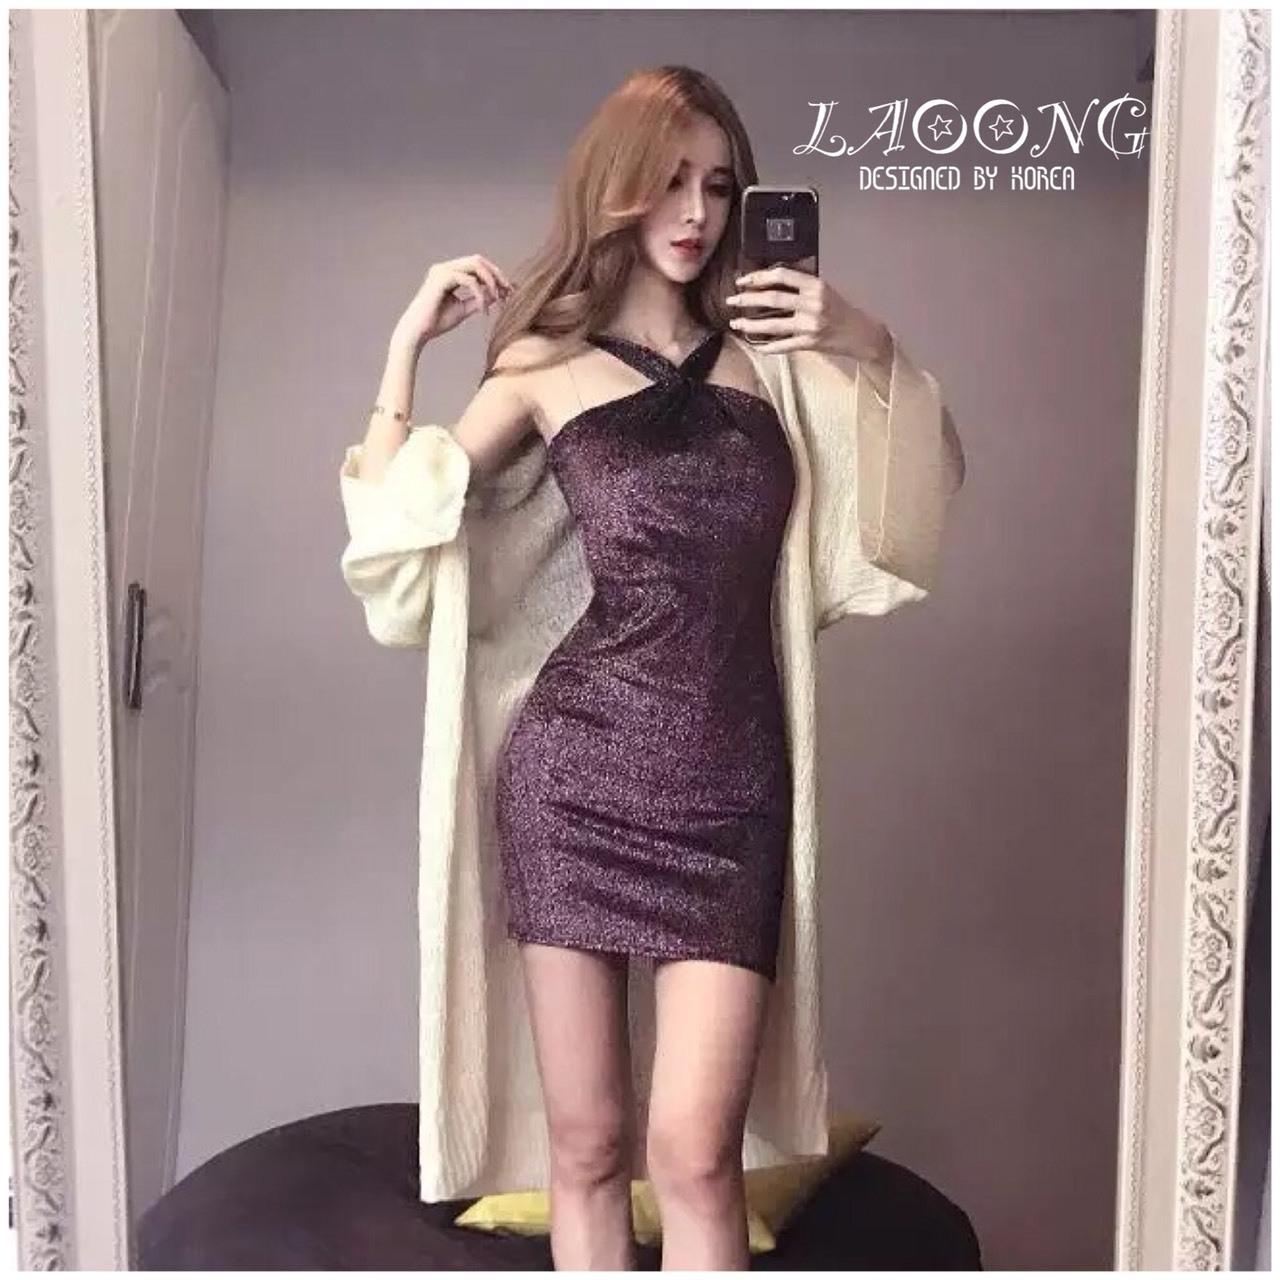 ชุดเดรสเกาหลีพร้อมส่ง Dress สีม่วงกากเพรชวิ้งๆ